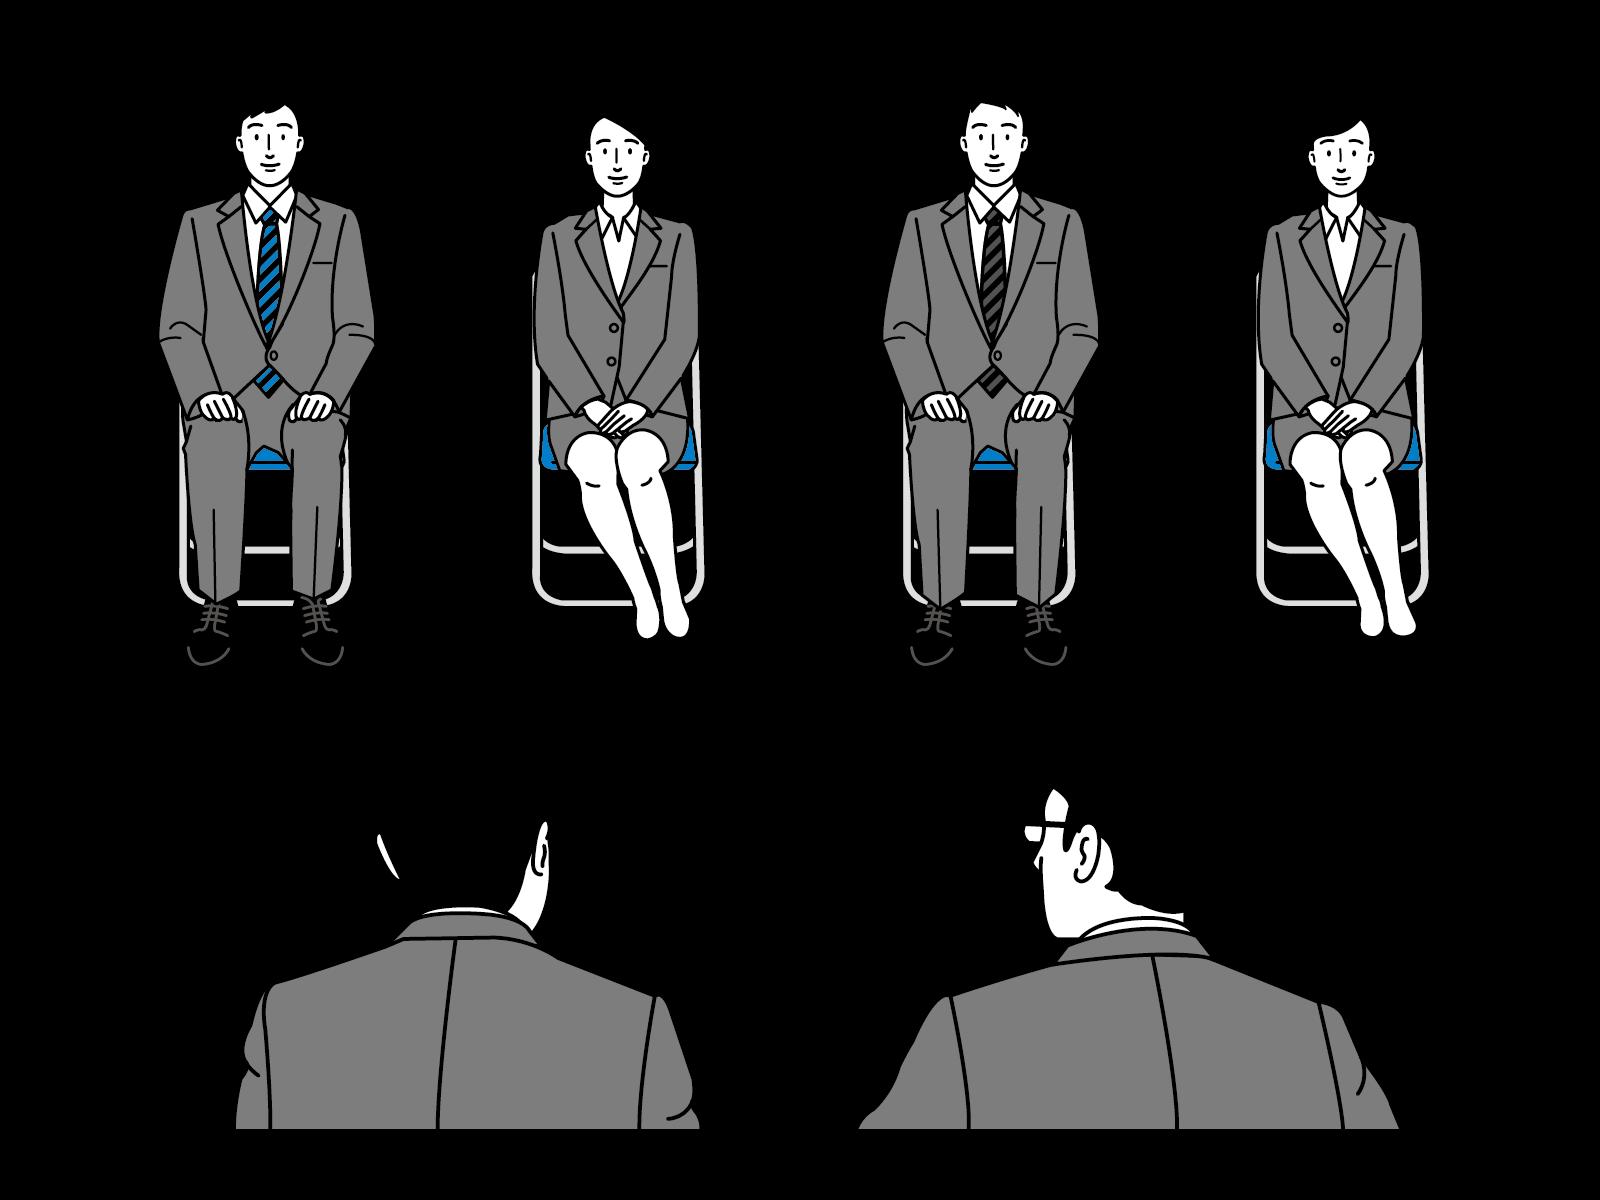 オワハラ「就活終われハラスメント」の秘密 -人事はなぜ意思決定の期限を設定したいのか?